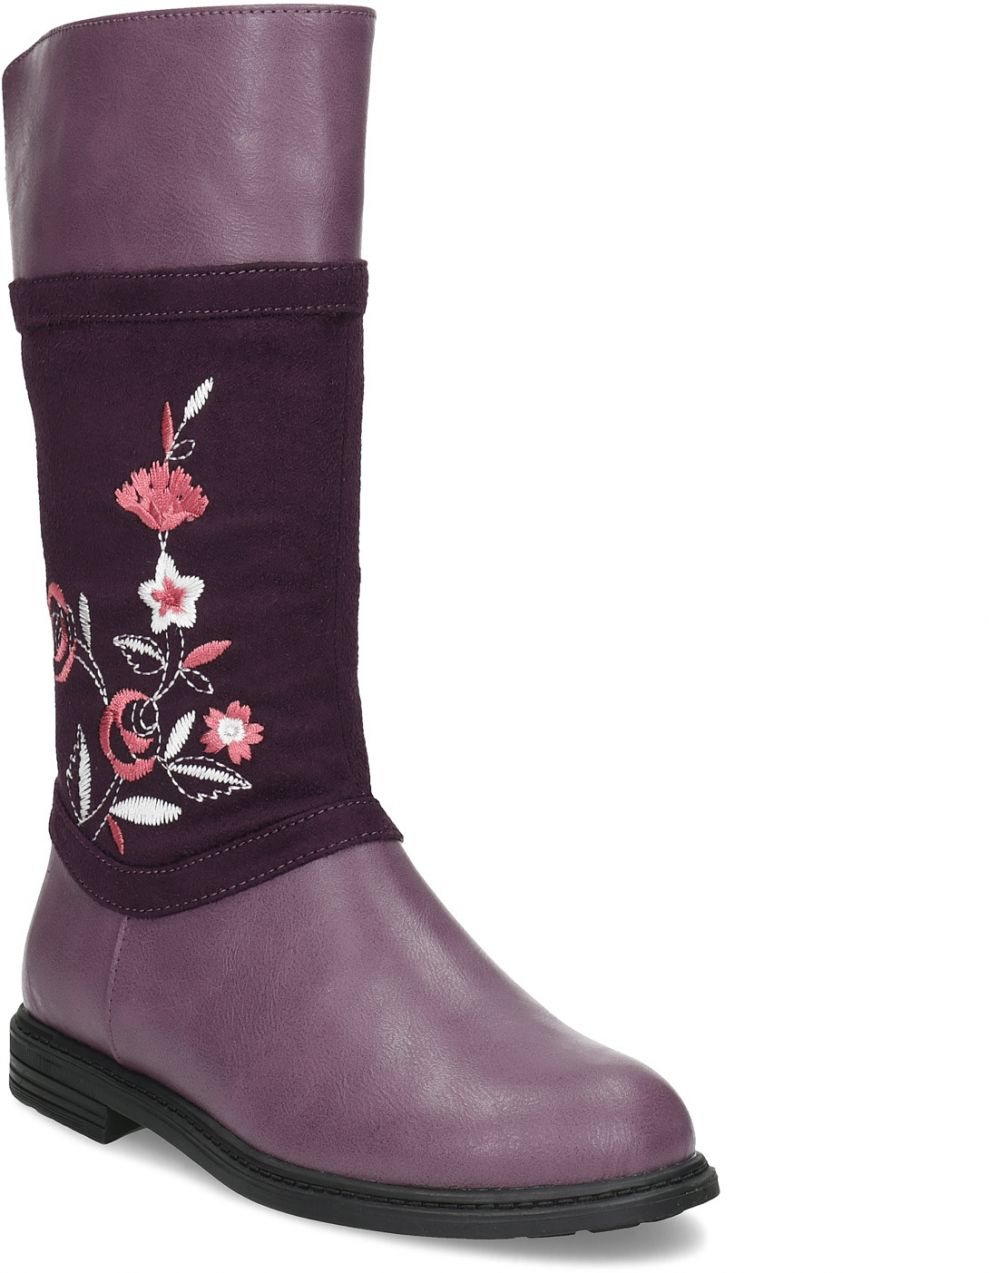 8eeafb0d21 Dievčenské fialové čižmy s výšivkou značky MINI B - Lovely.sk